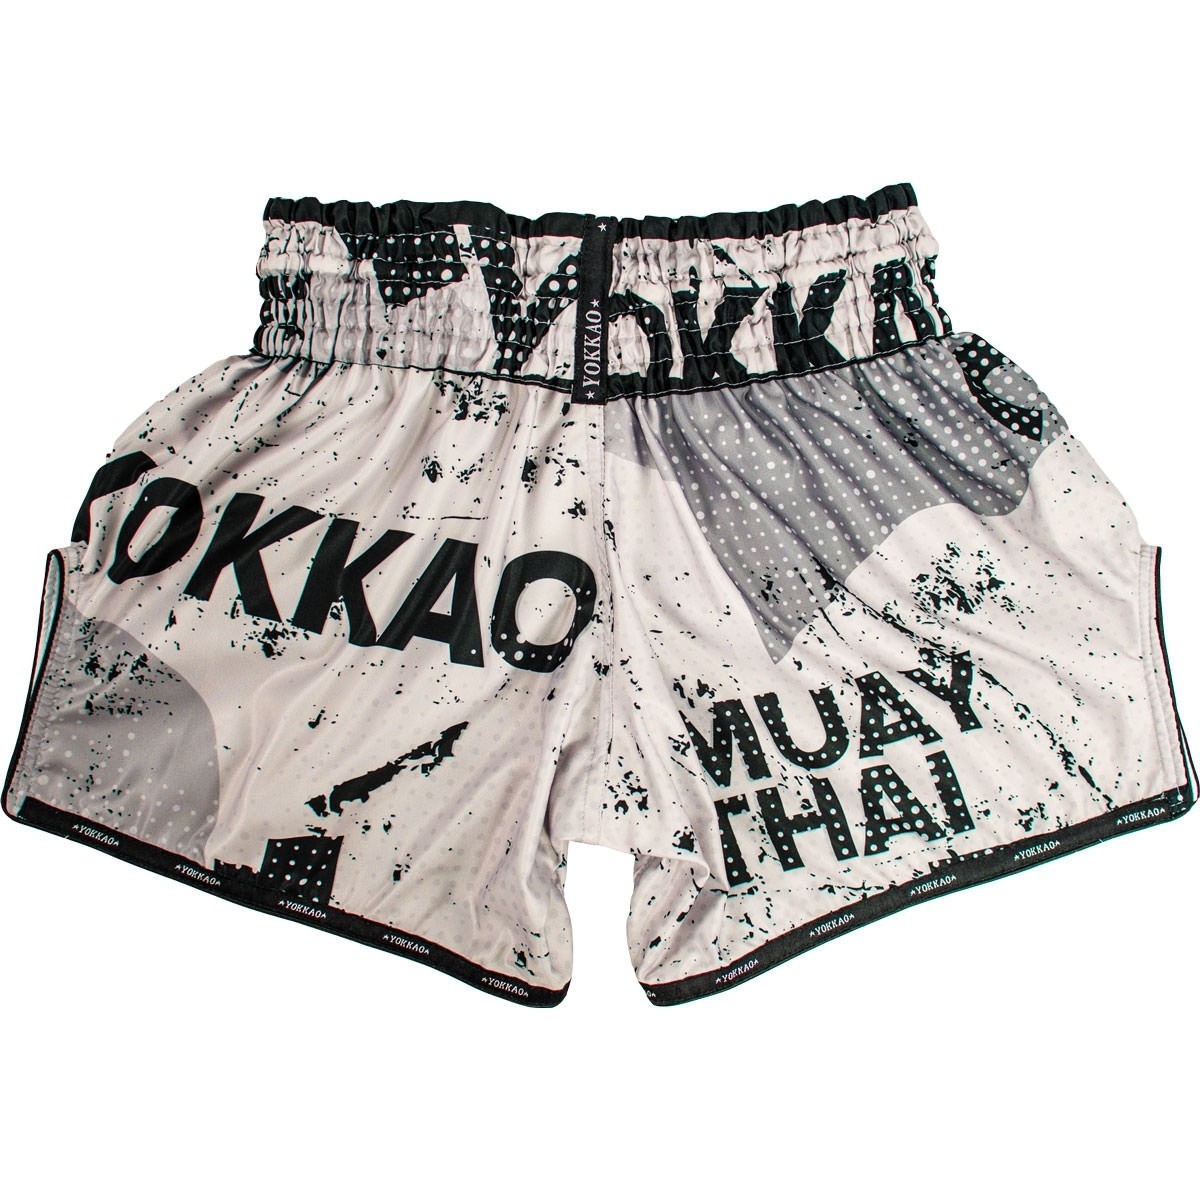 carbonfit-urban-shorts-white-278